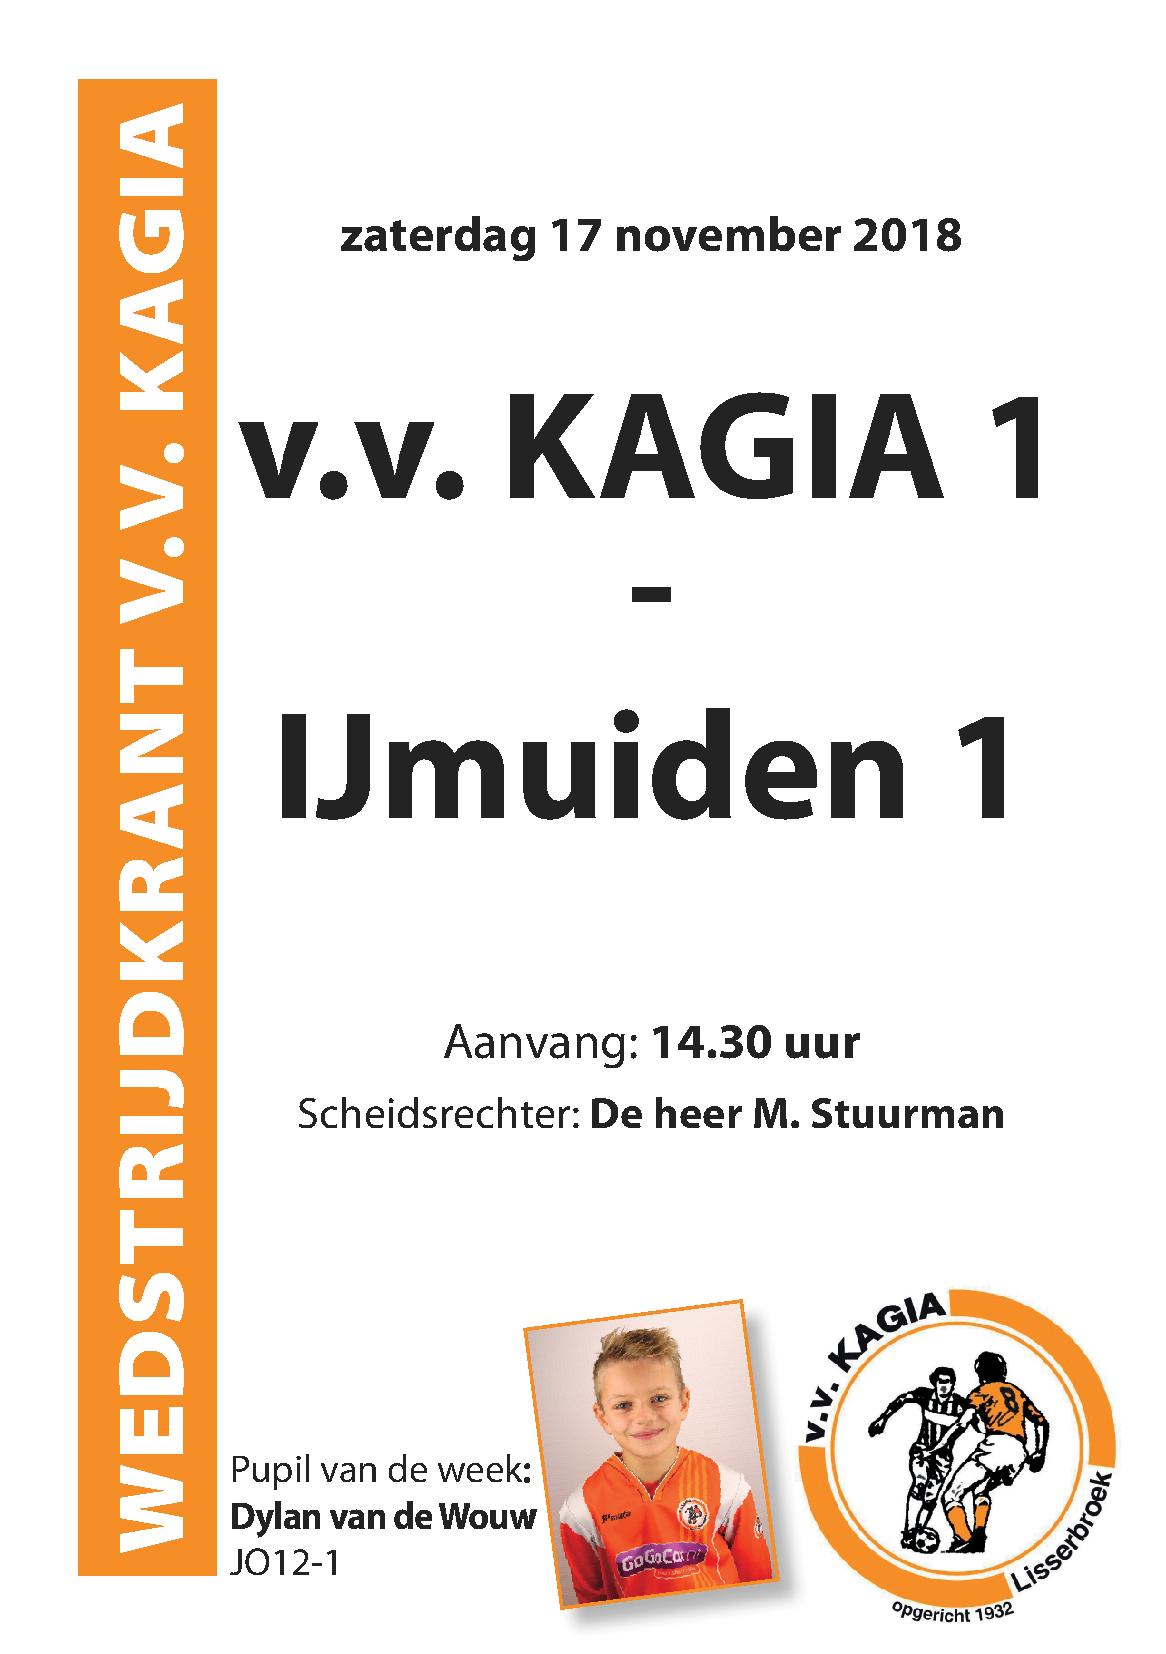 Wedstrijdkrantje | v.v. Kagia 1 – IJmuiden vv. 1